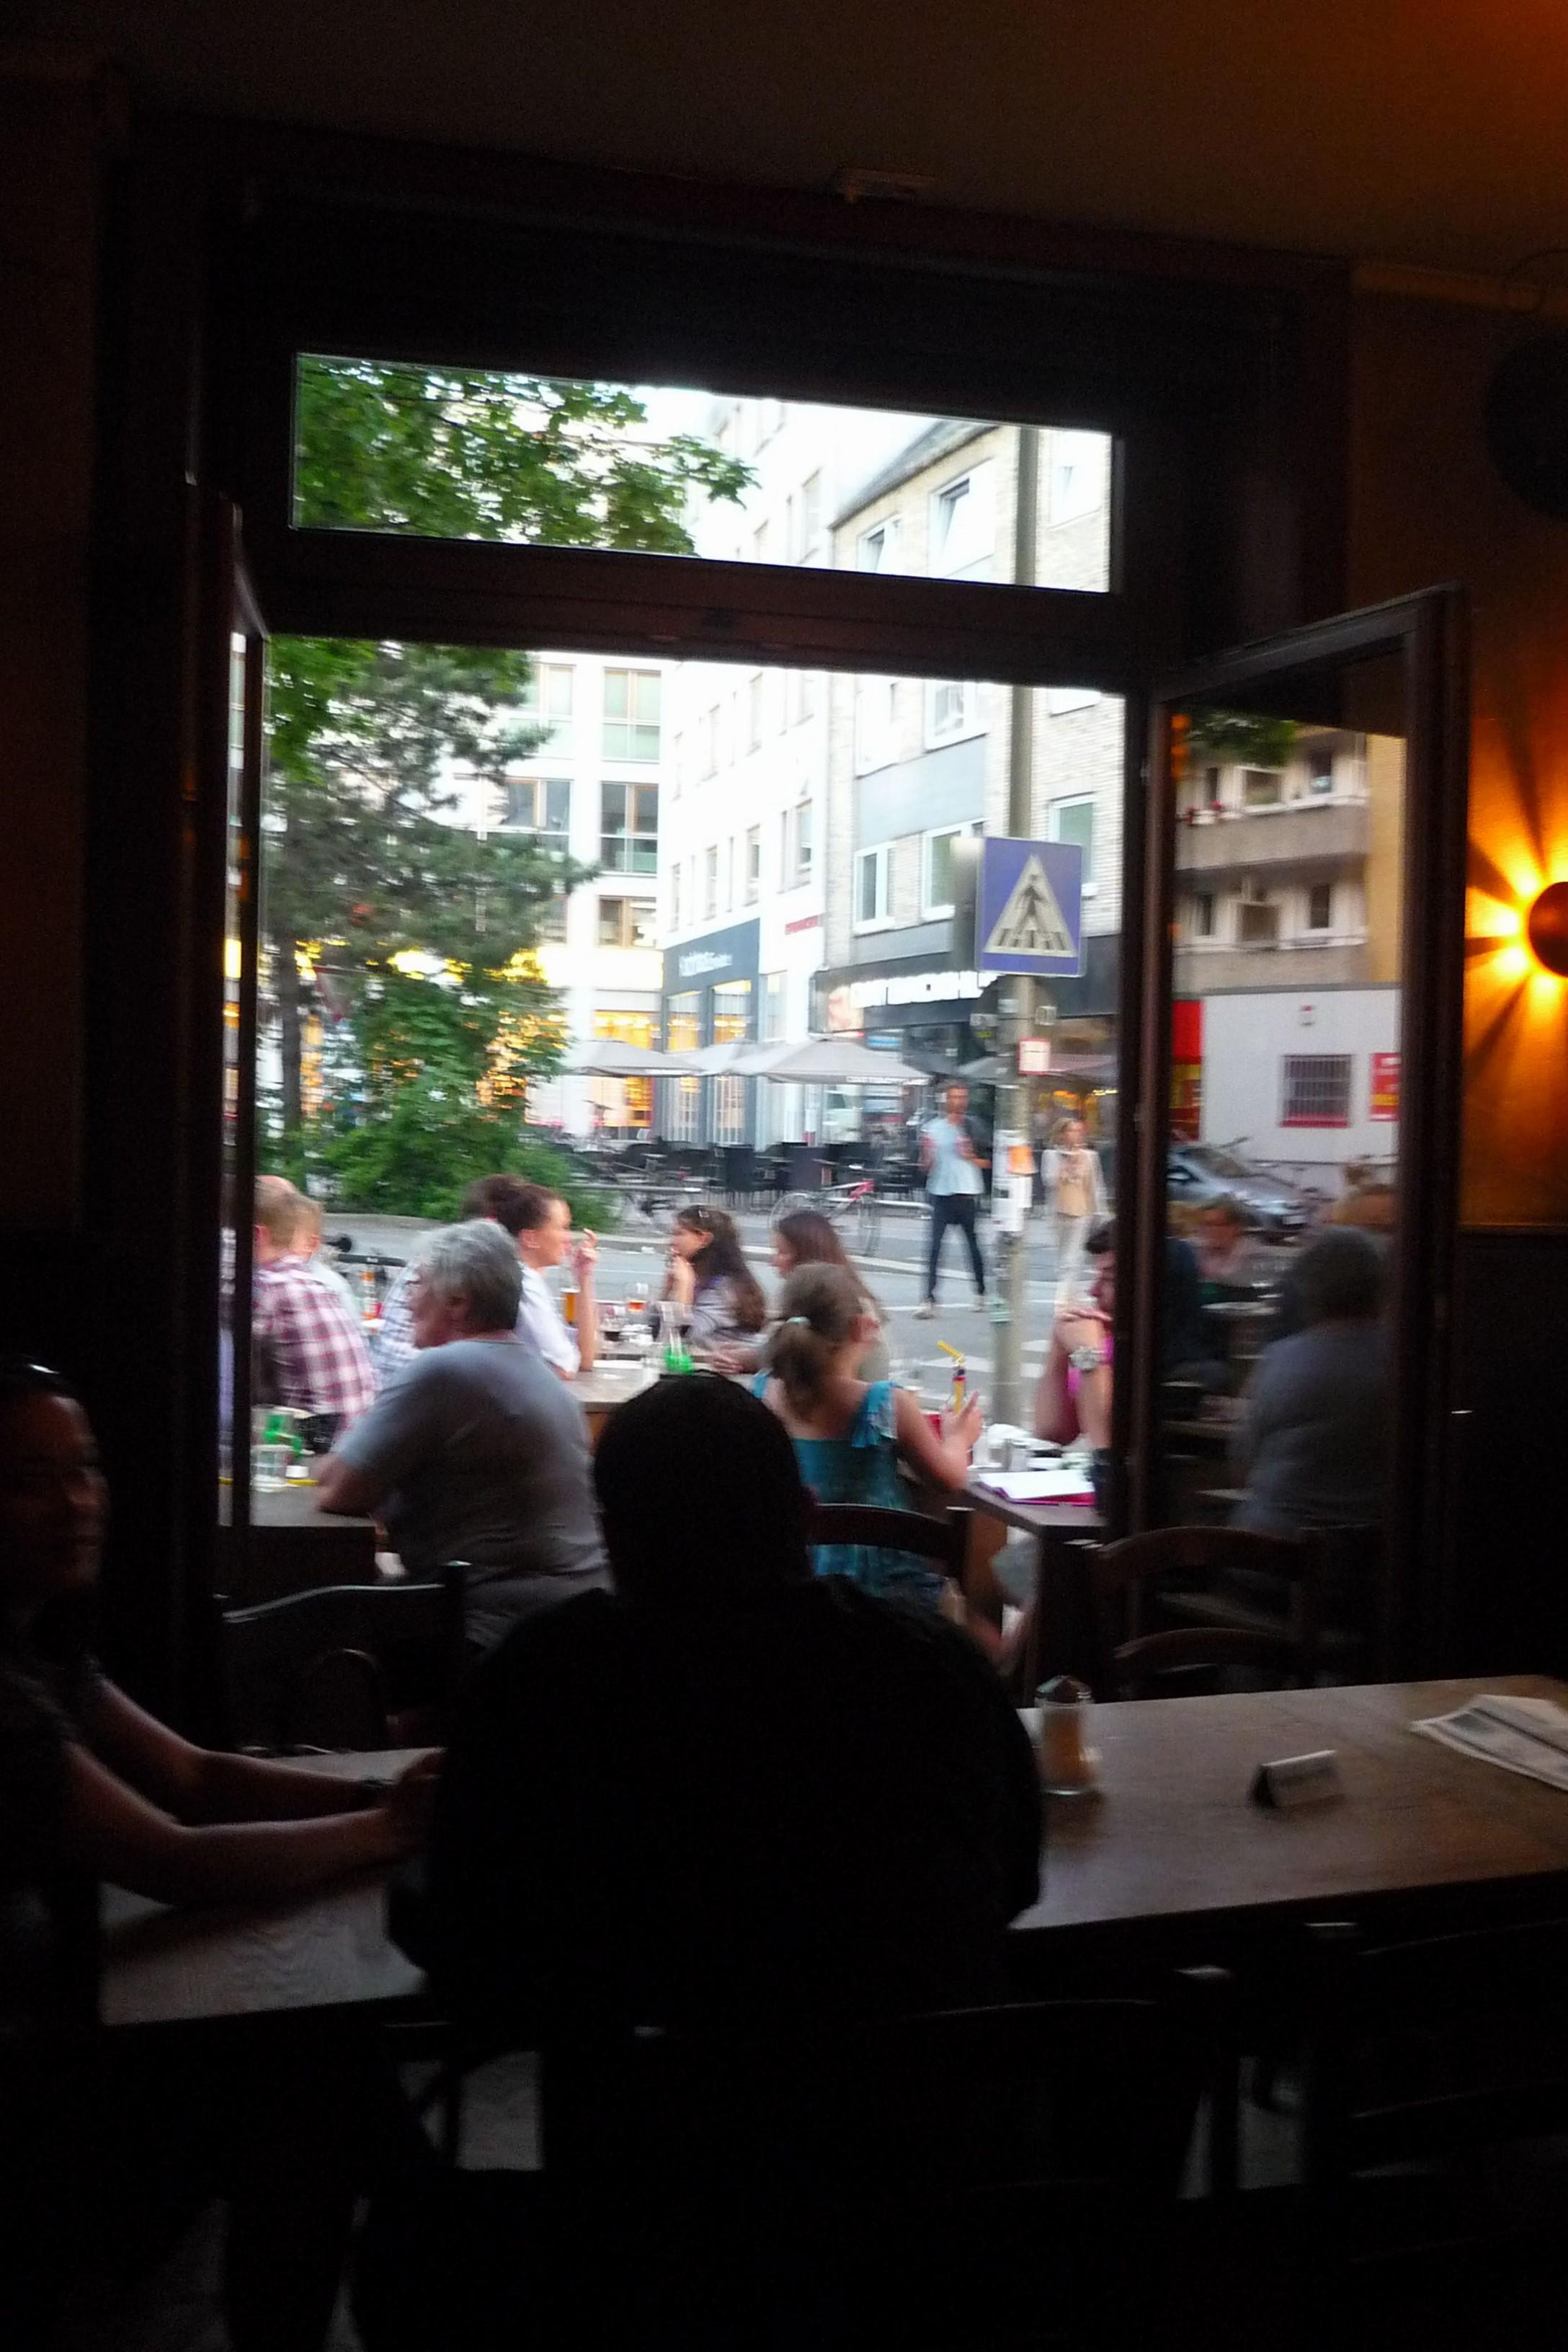 Abends Kollegen treffen in Eimsbüttel.